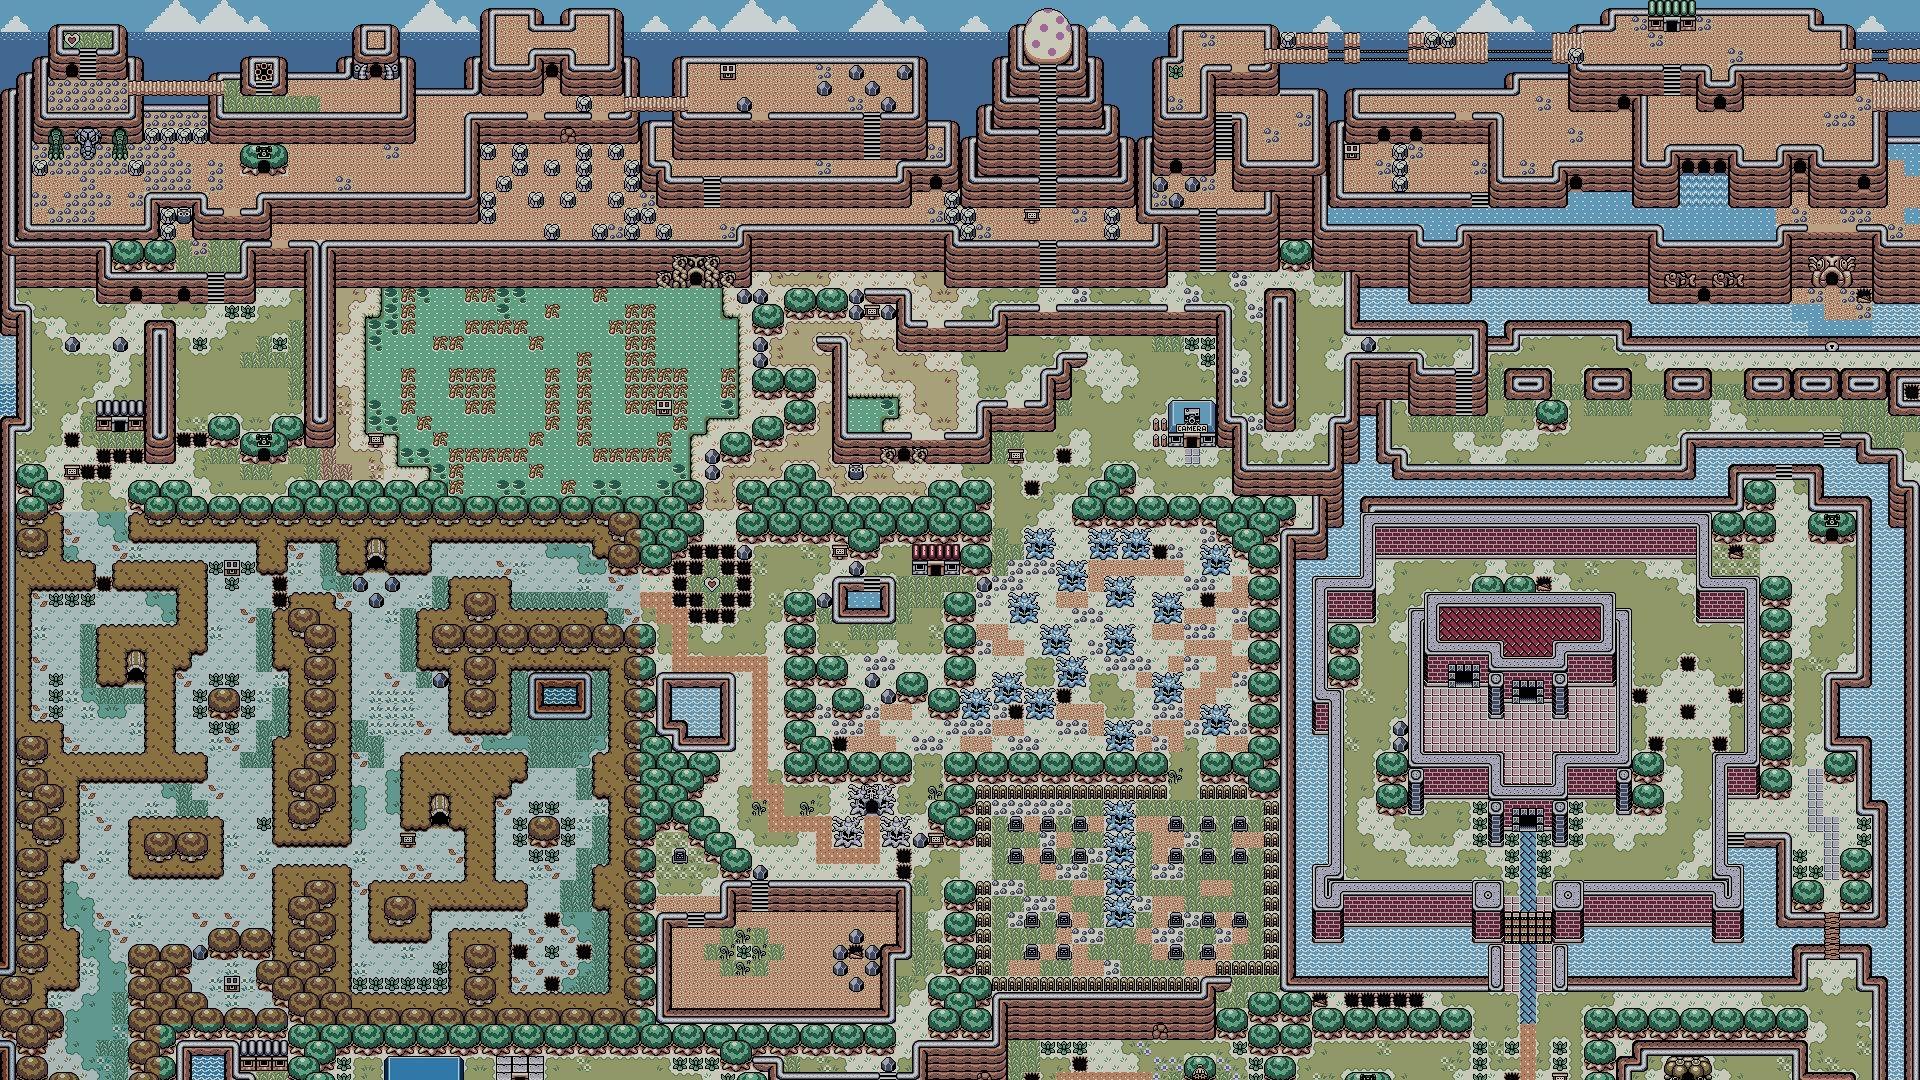 Hd Wallpaper The Legend Of Zelda Links Awakening Scream